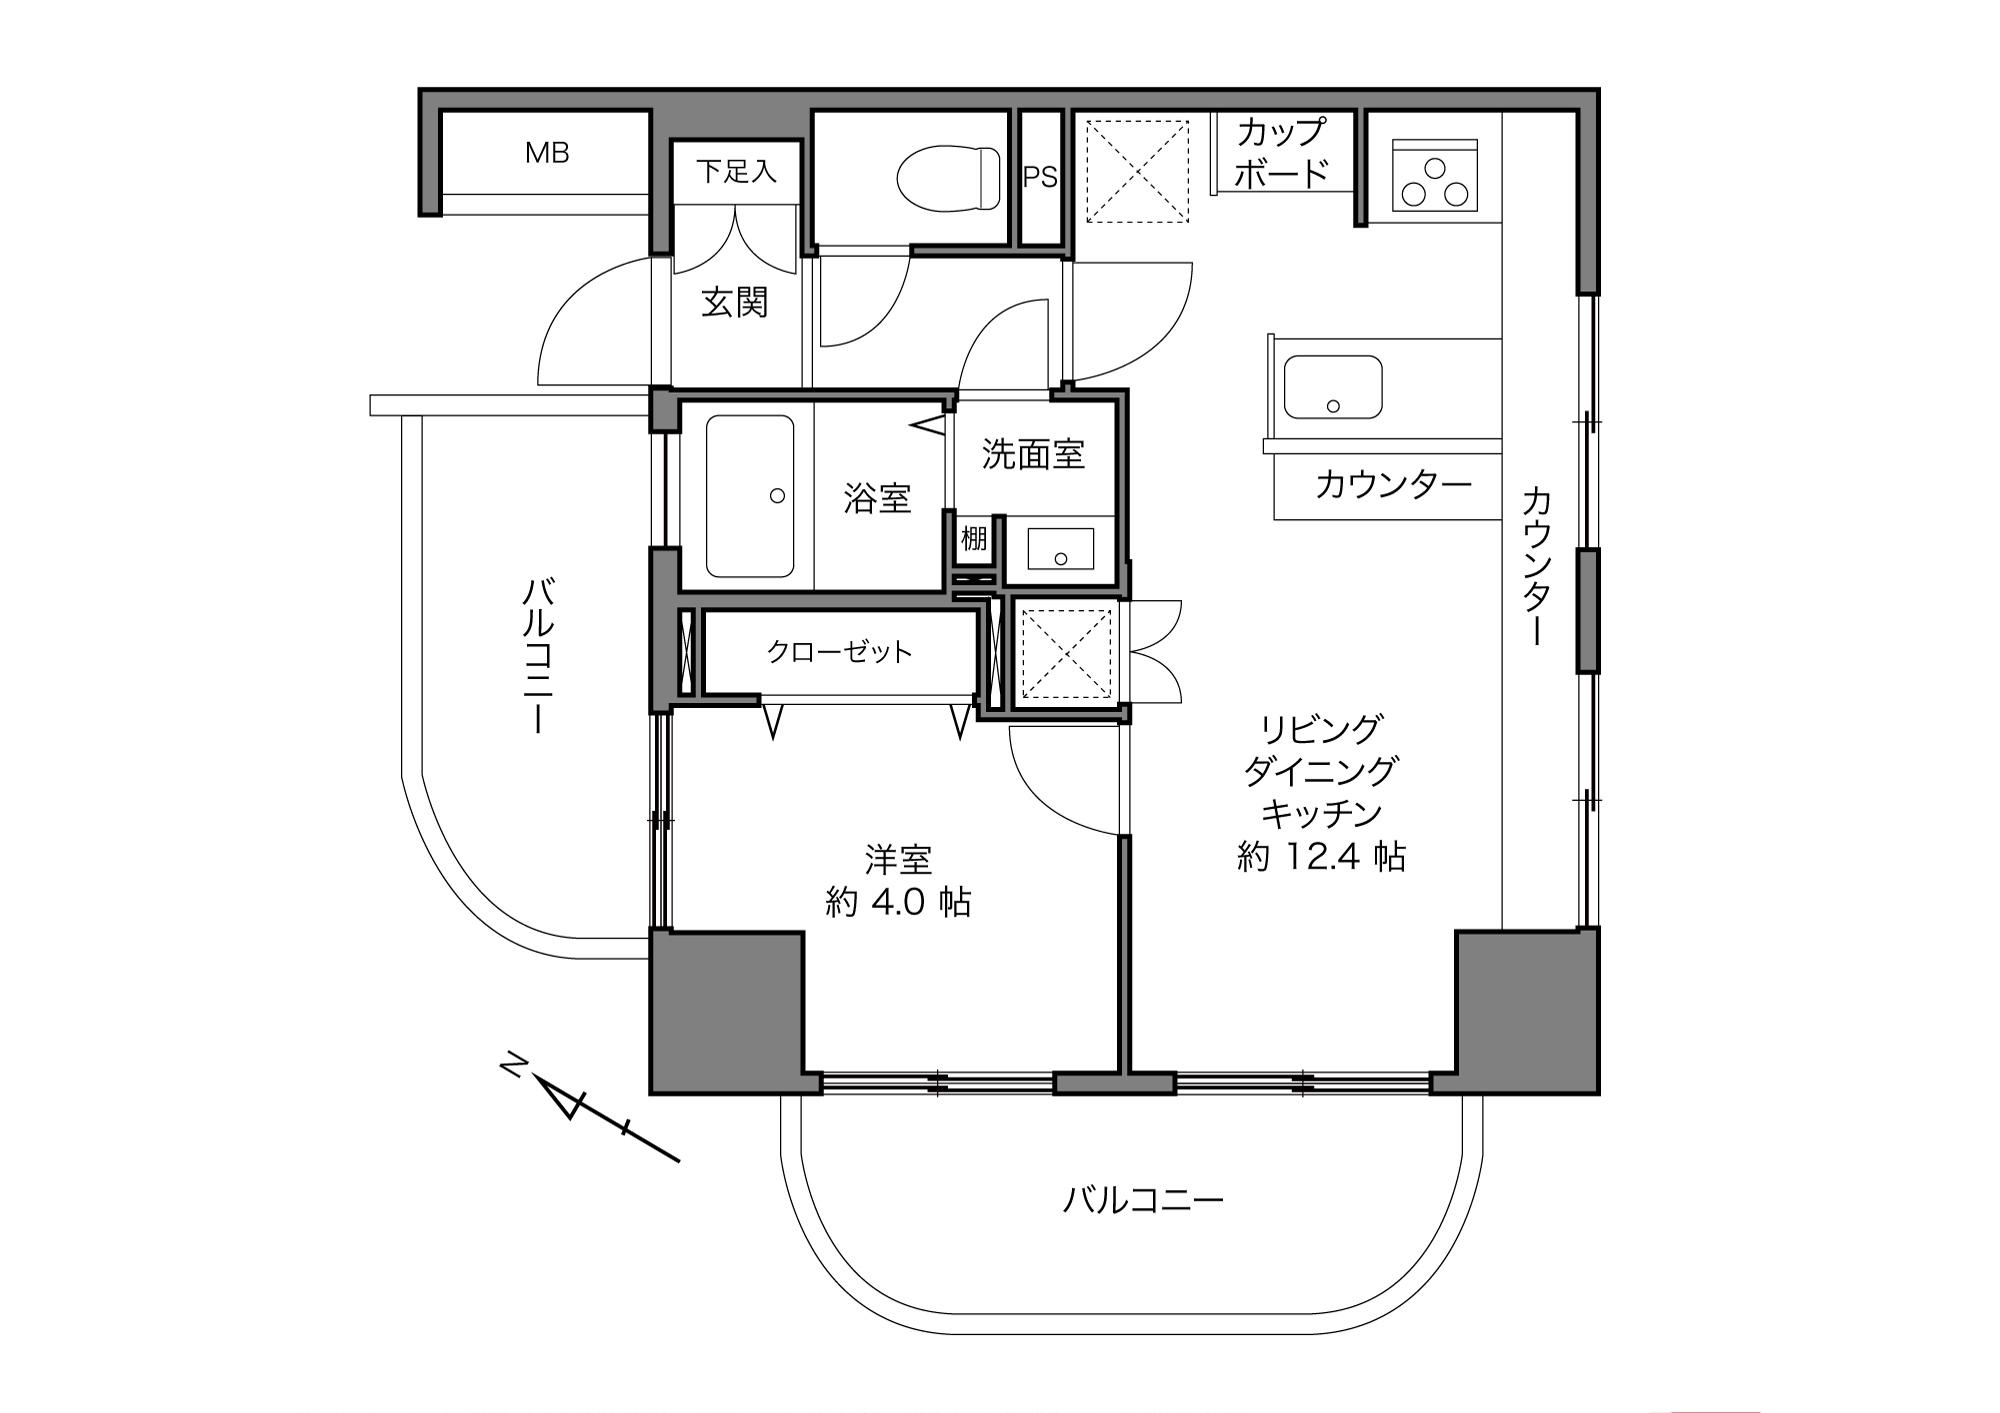 白金高輪駅 / 1LDK / 38.40㎡